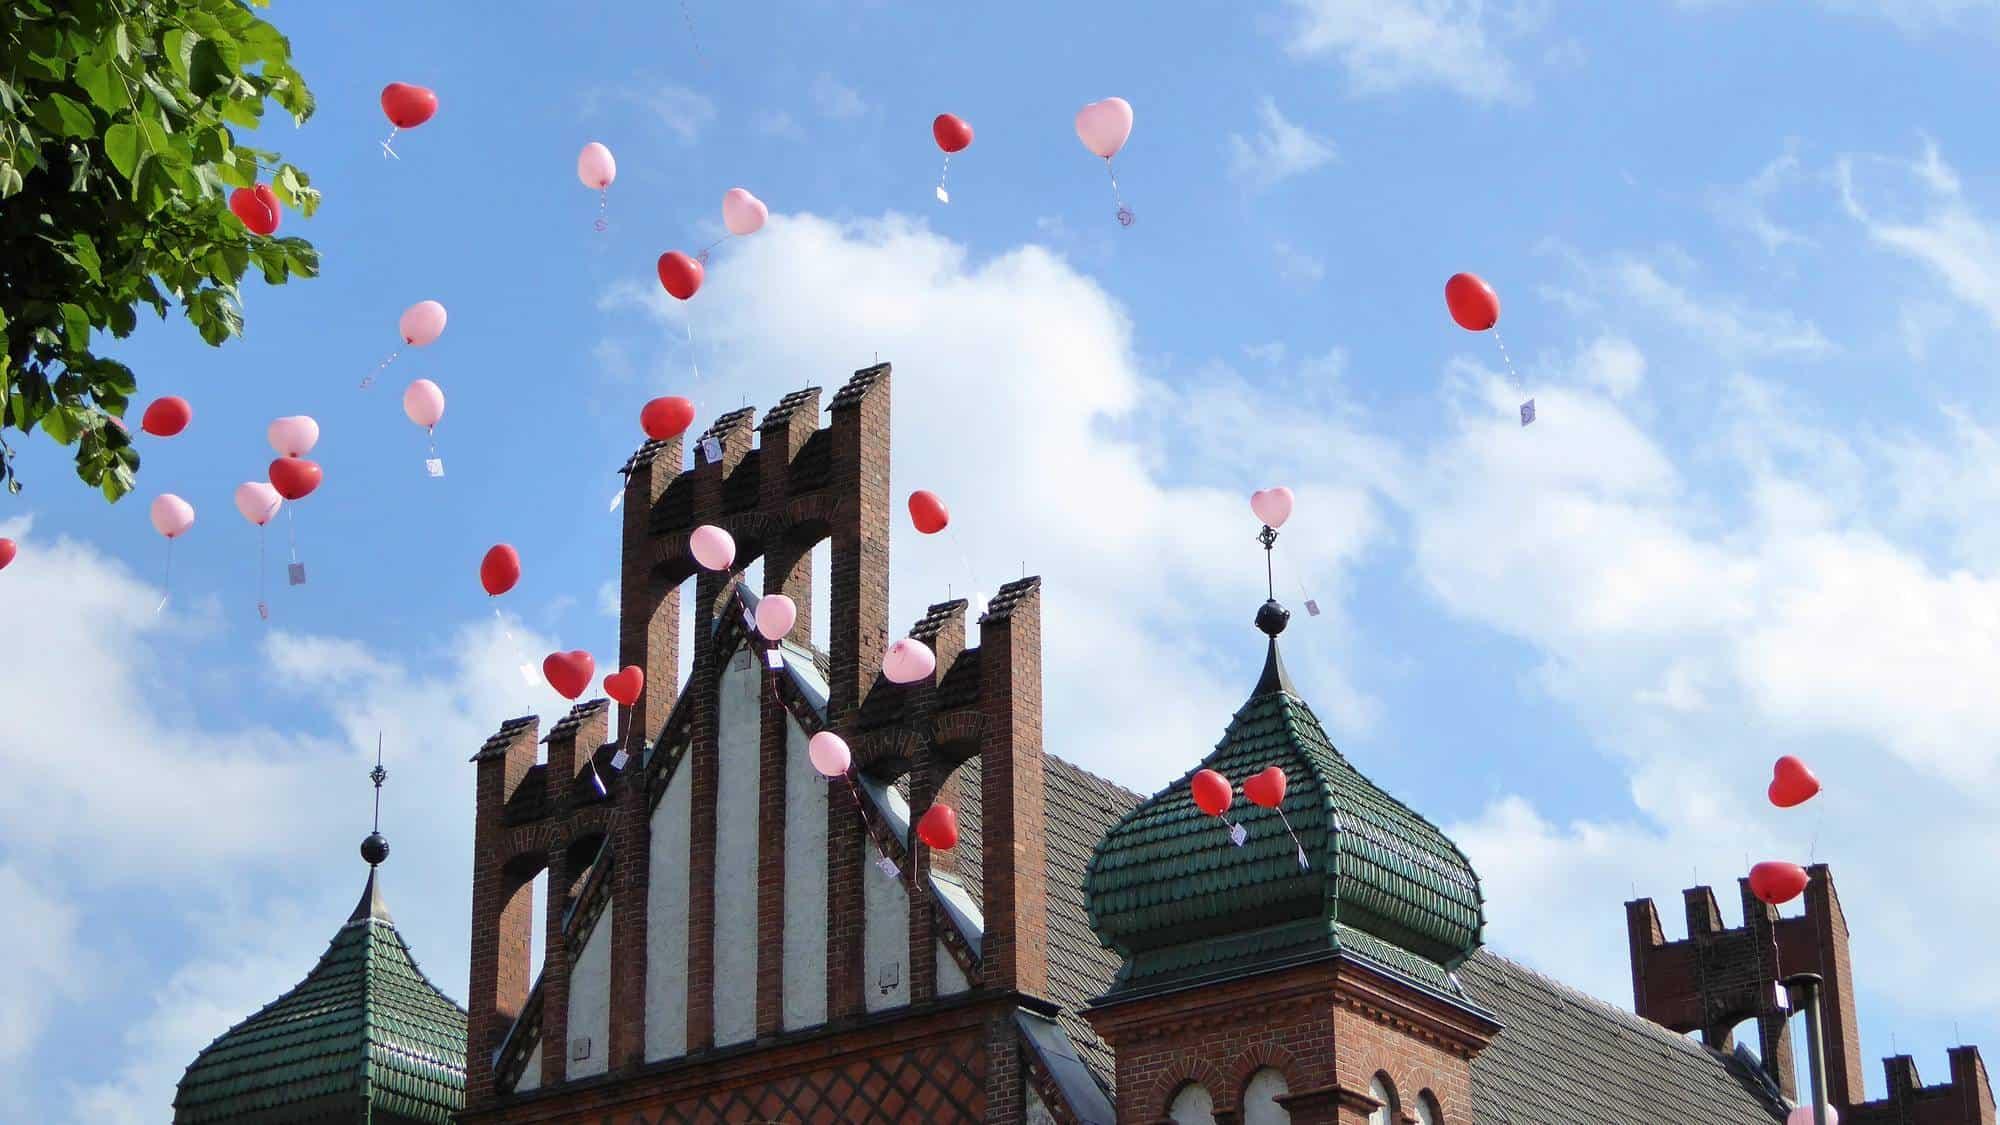 Luftballons bei der freien Trauung fliegen lassen